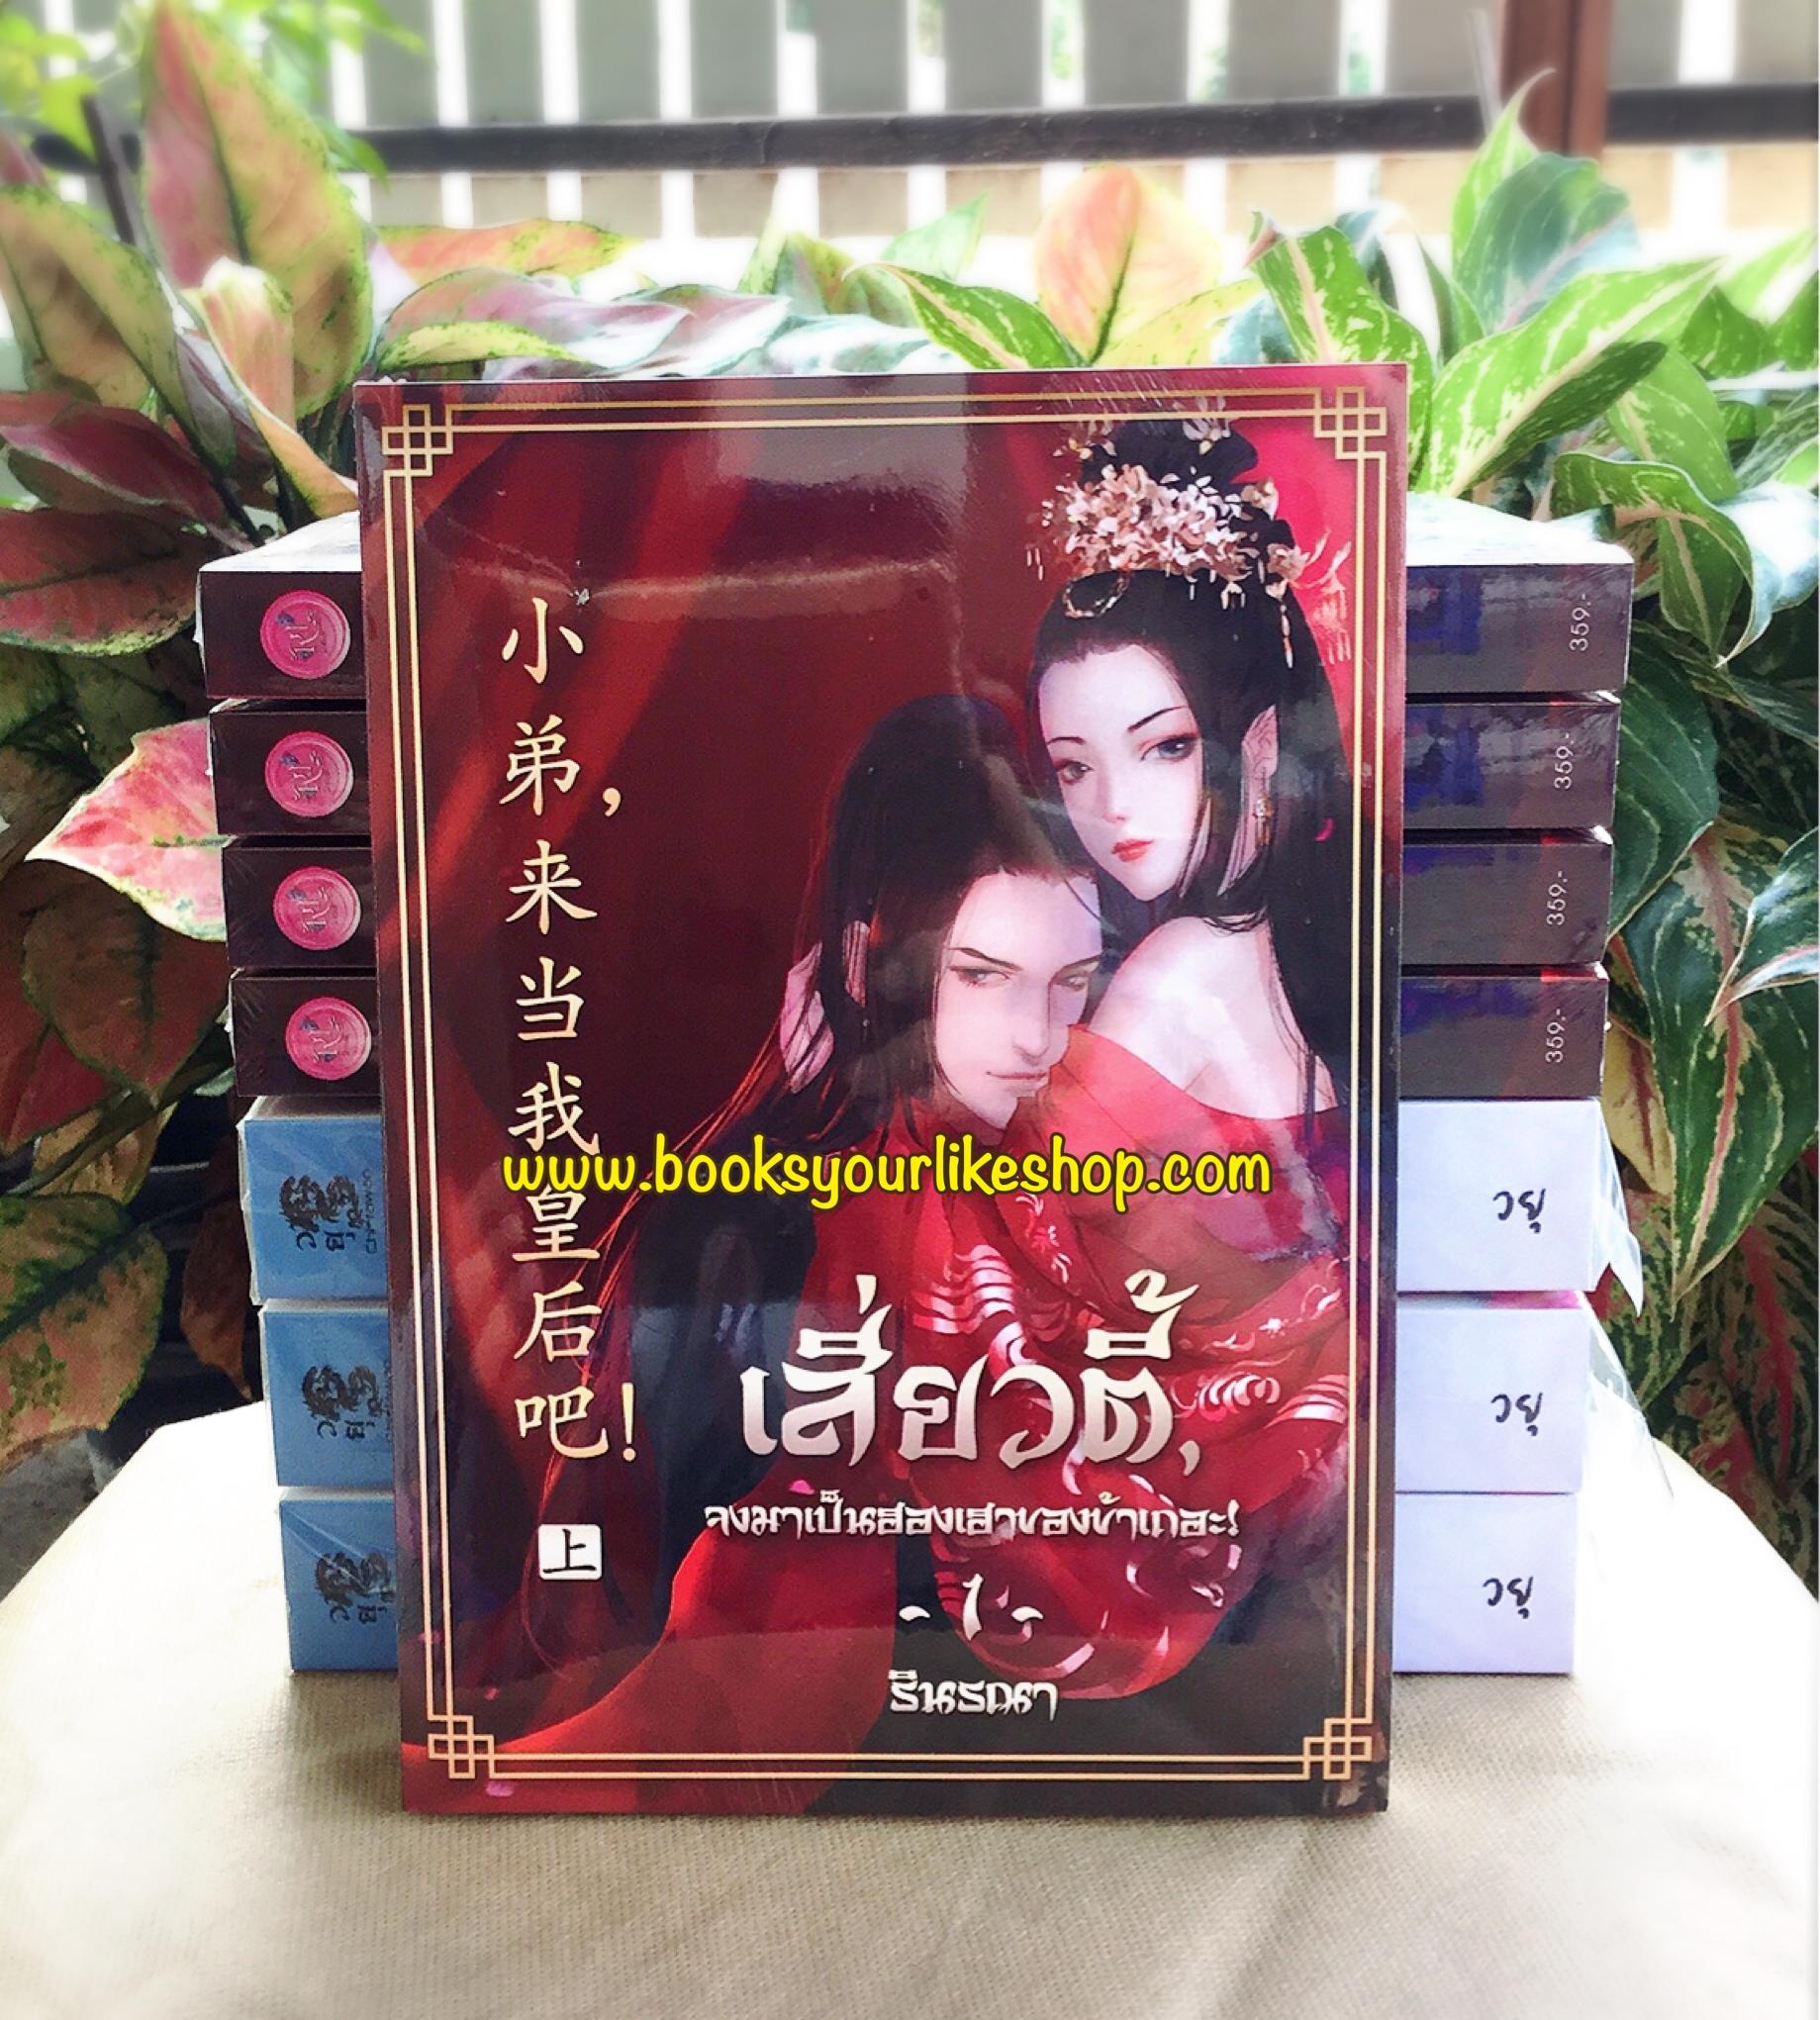 โปร ส่งฟรี เสี่ยวตี้จงมาเป็นฮองเฮาของข้าเถอะ! เล่ม 1 / รินรณา ใหม่ทำมือ นิยายจีน สนุกคะ